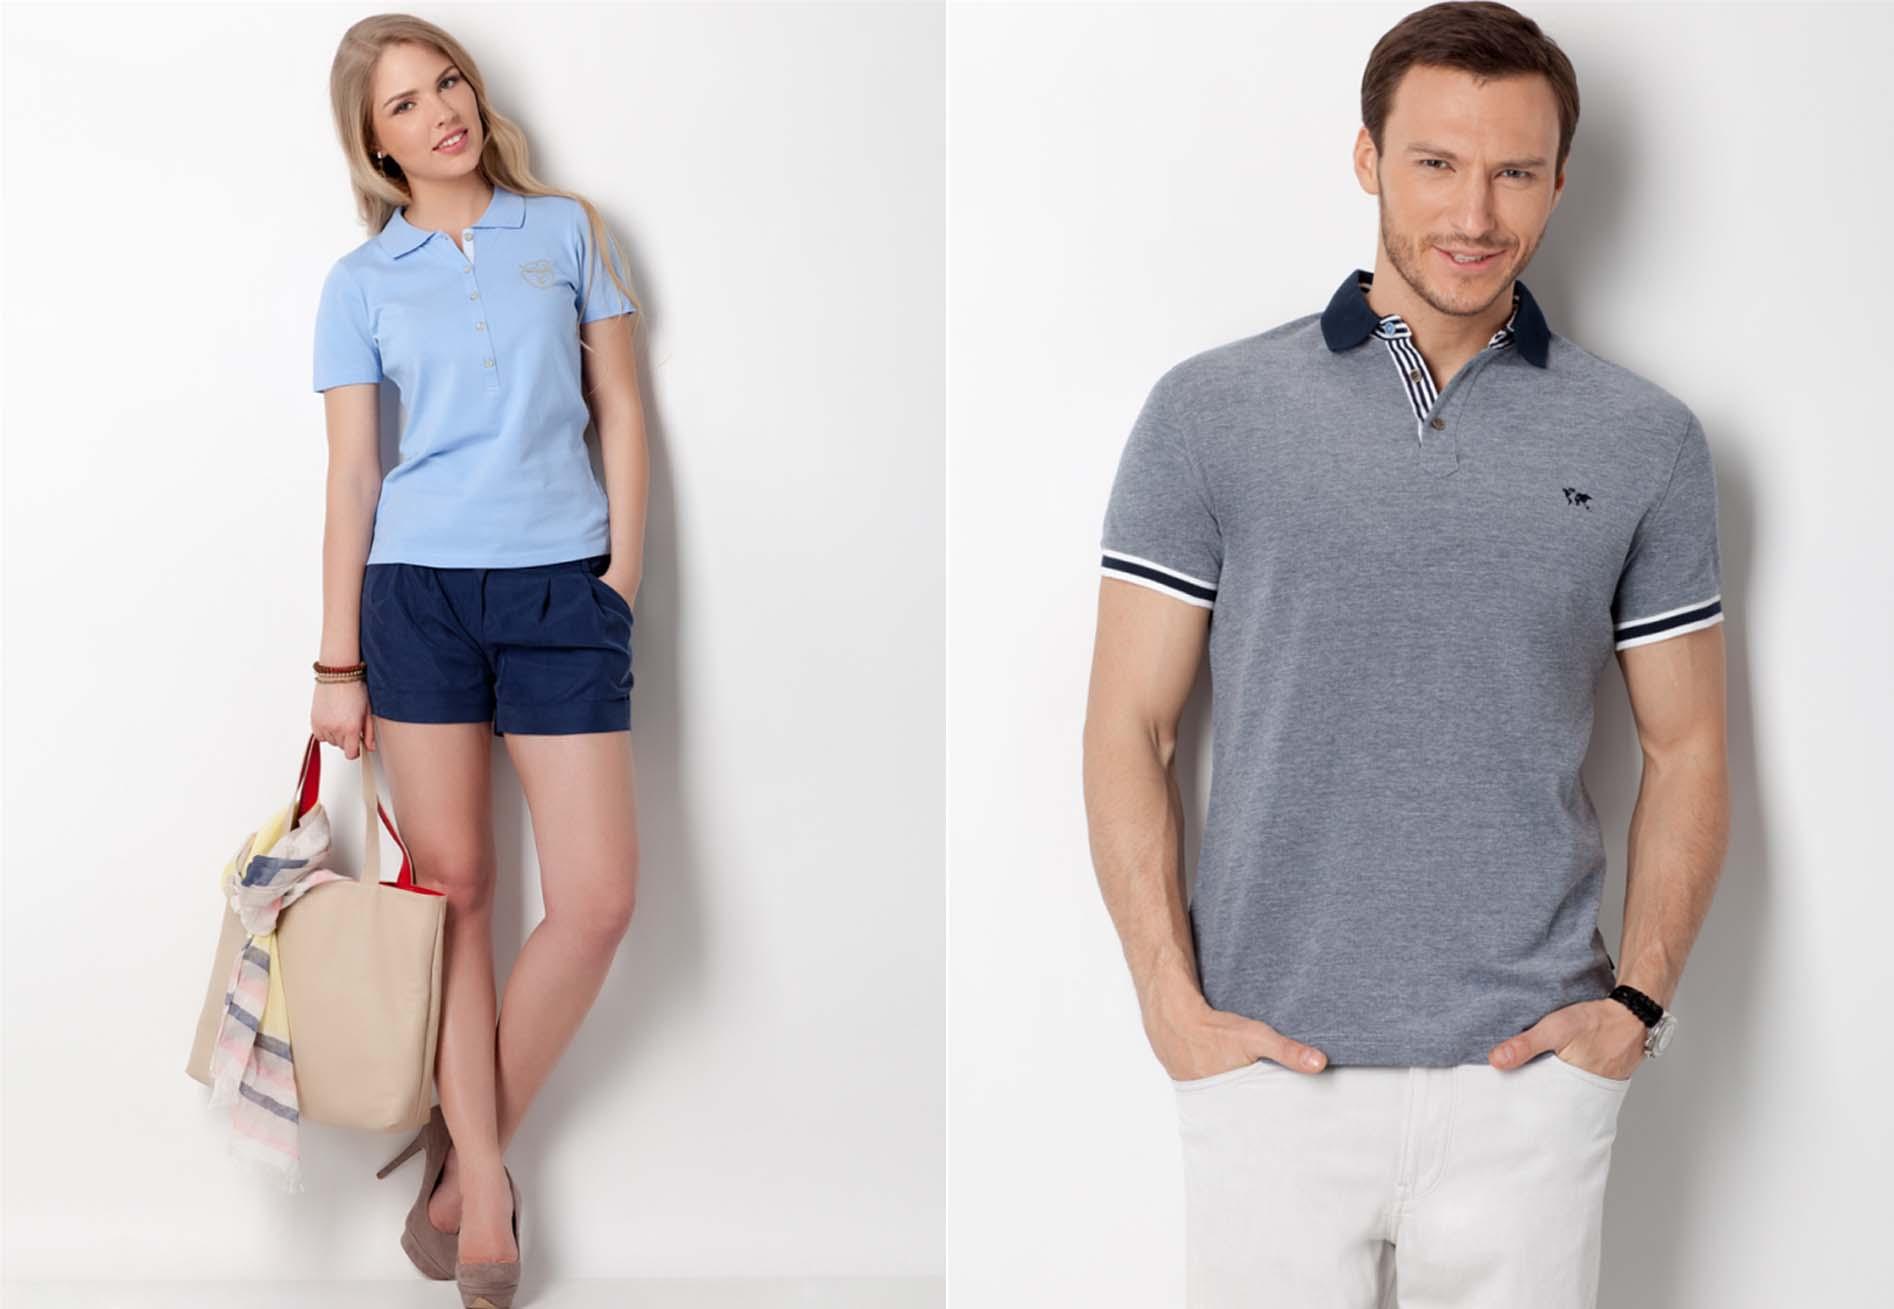 e409b4b8fa36 Топ одежды. Остин магазин одежды каталог